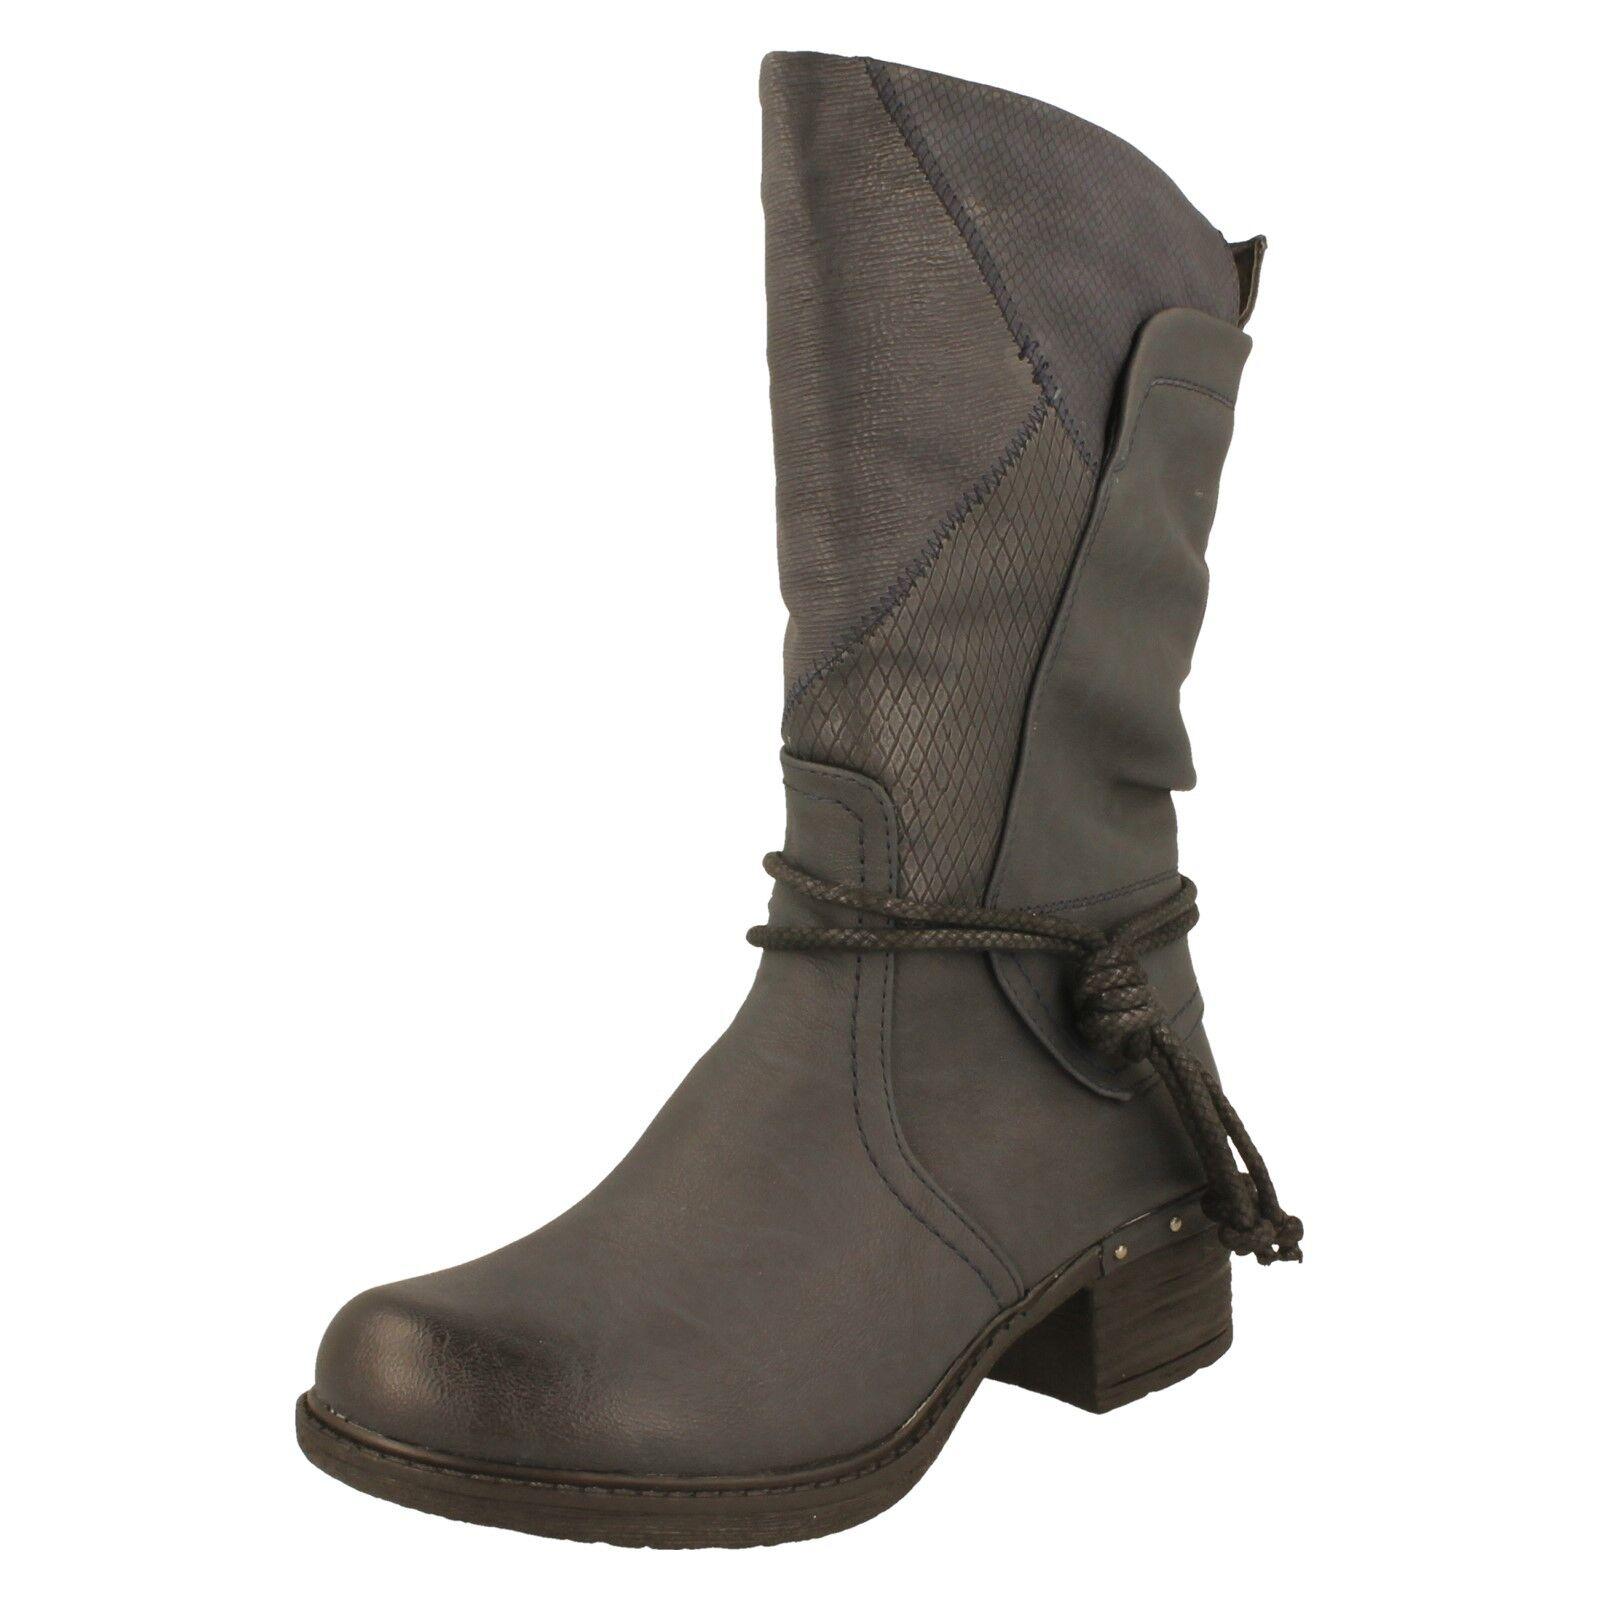 35877cdd LAMICA ELEGANTE Botas de piel zapatos piel botas cuero caña larga 3160  811777